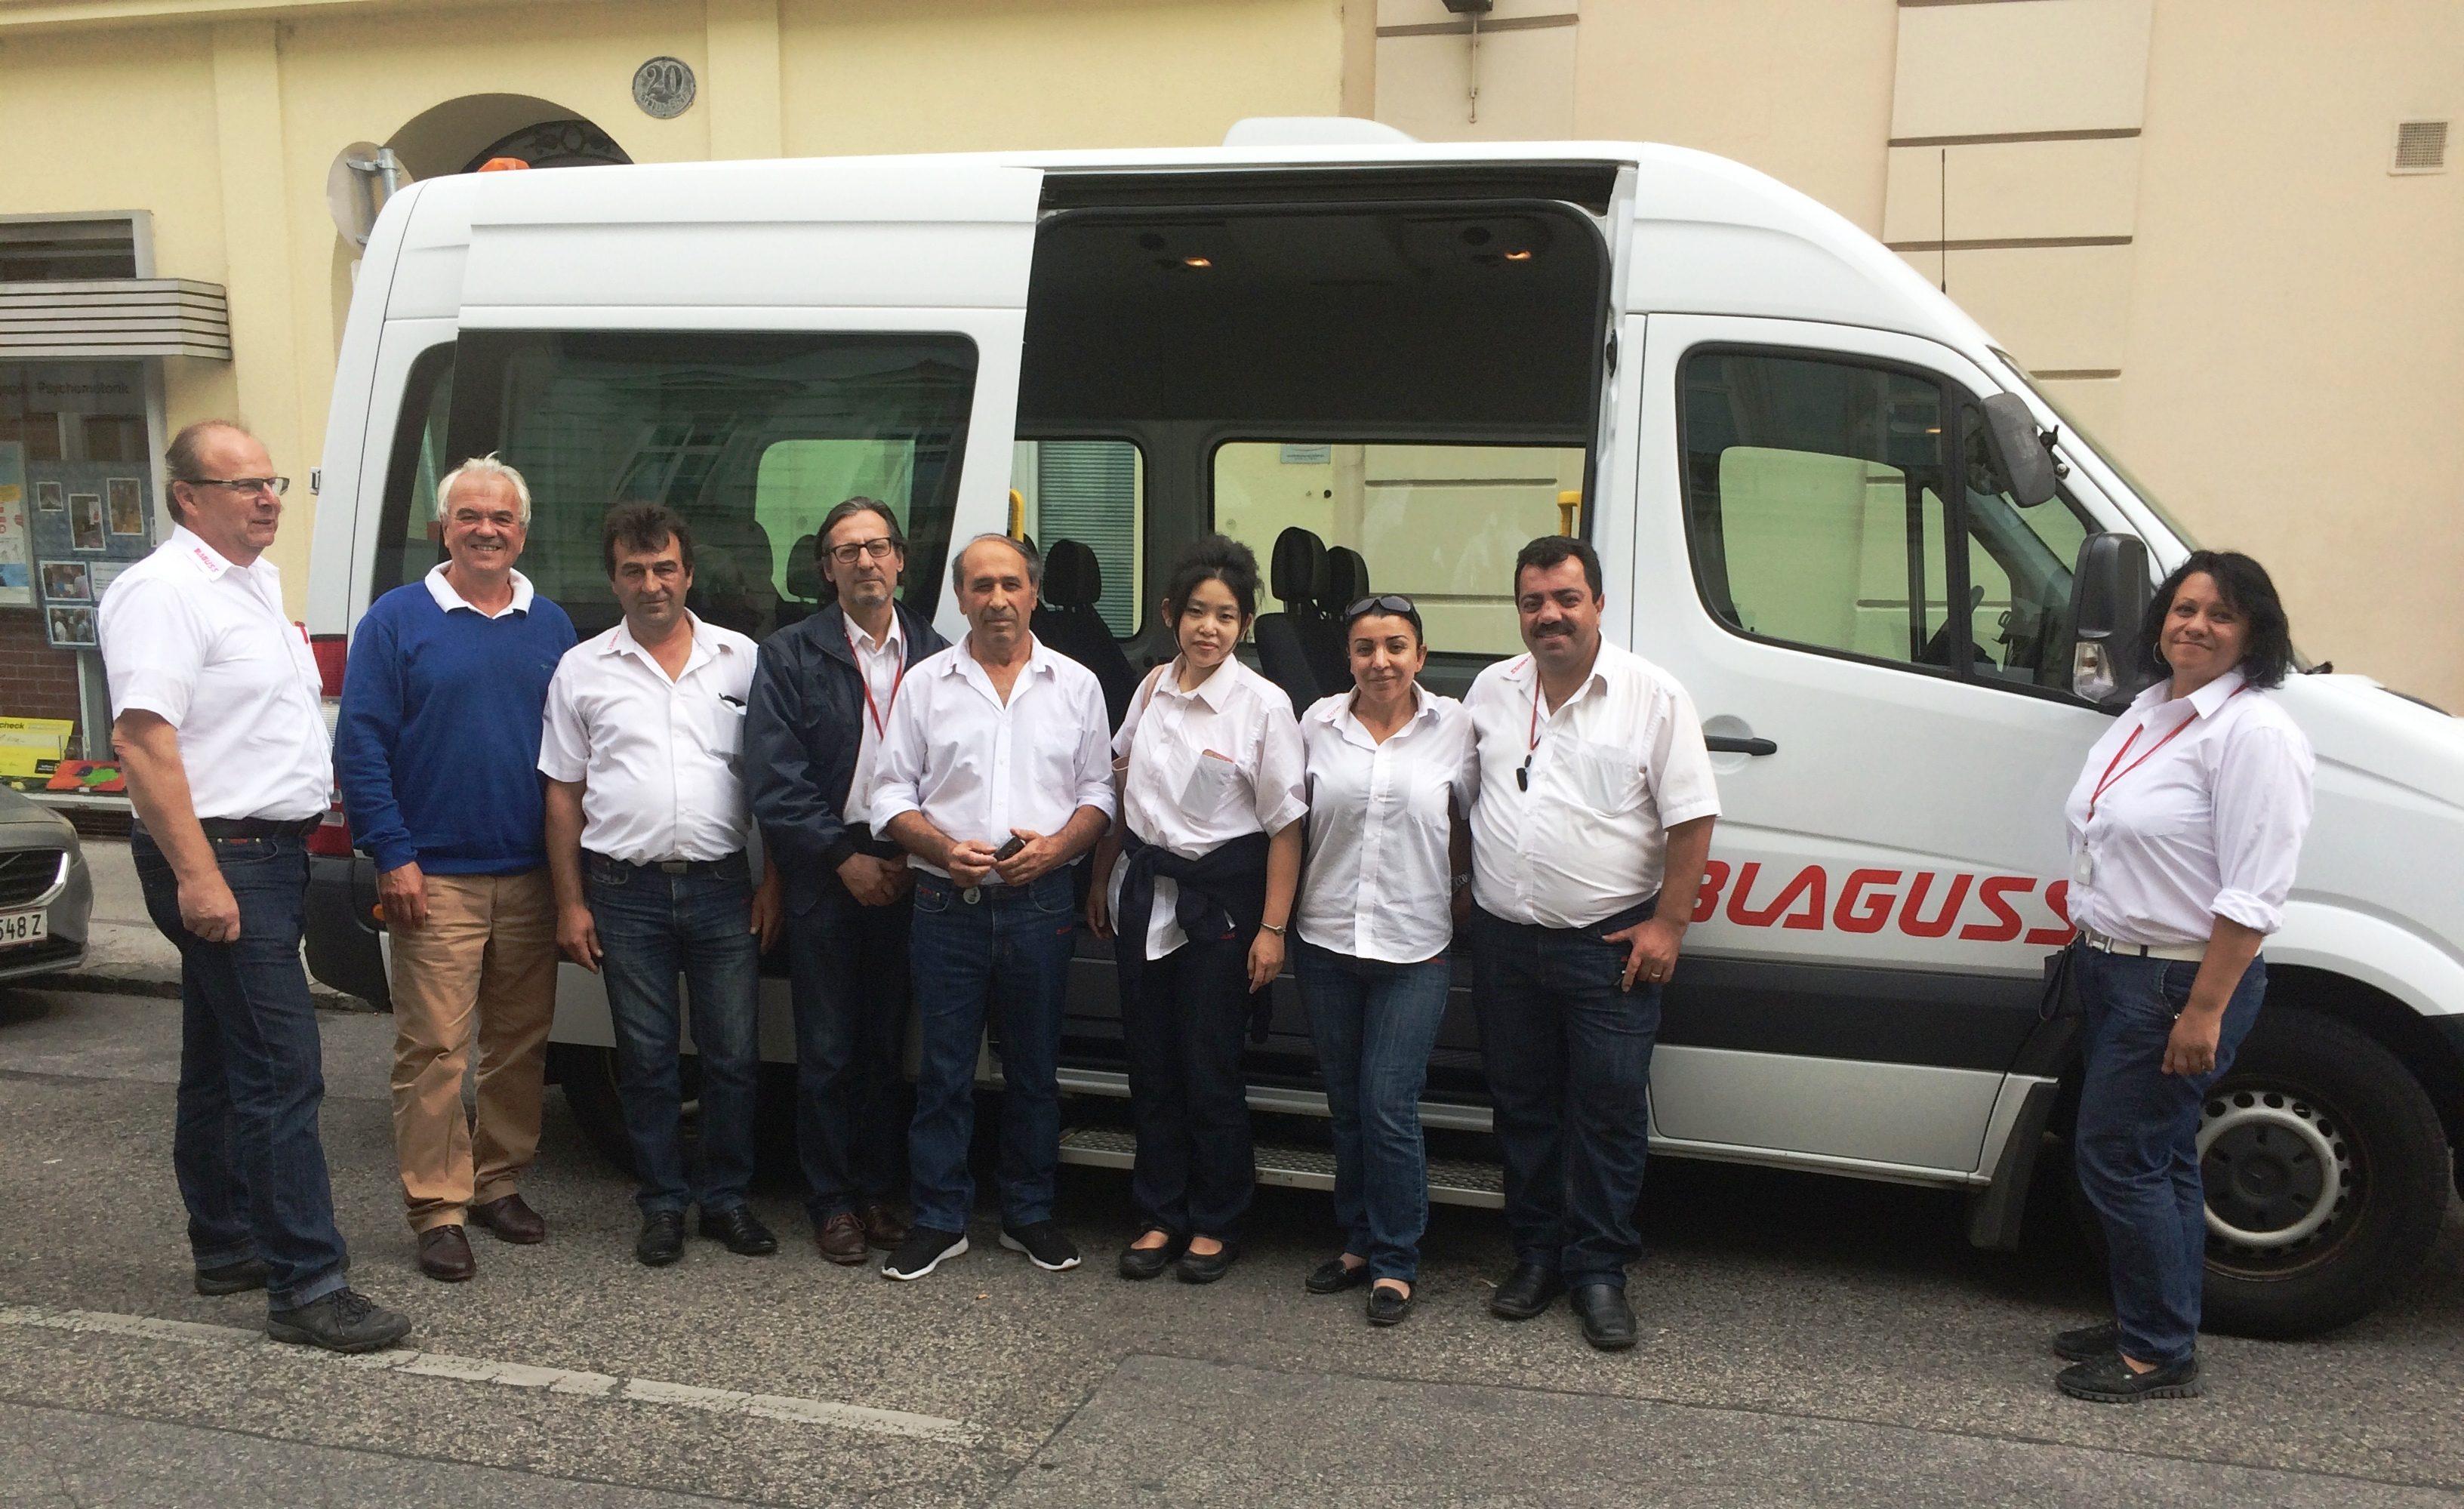 Blaguss als Partner im Mobilitätskonzept